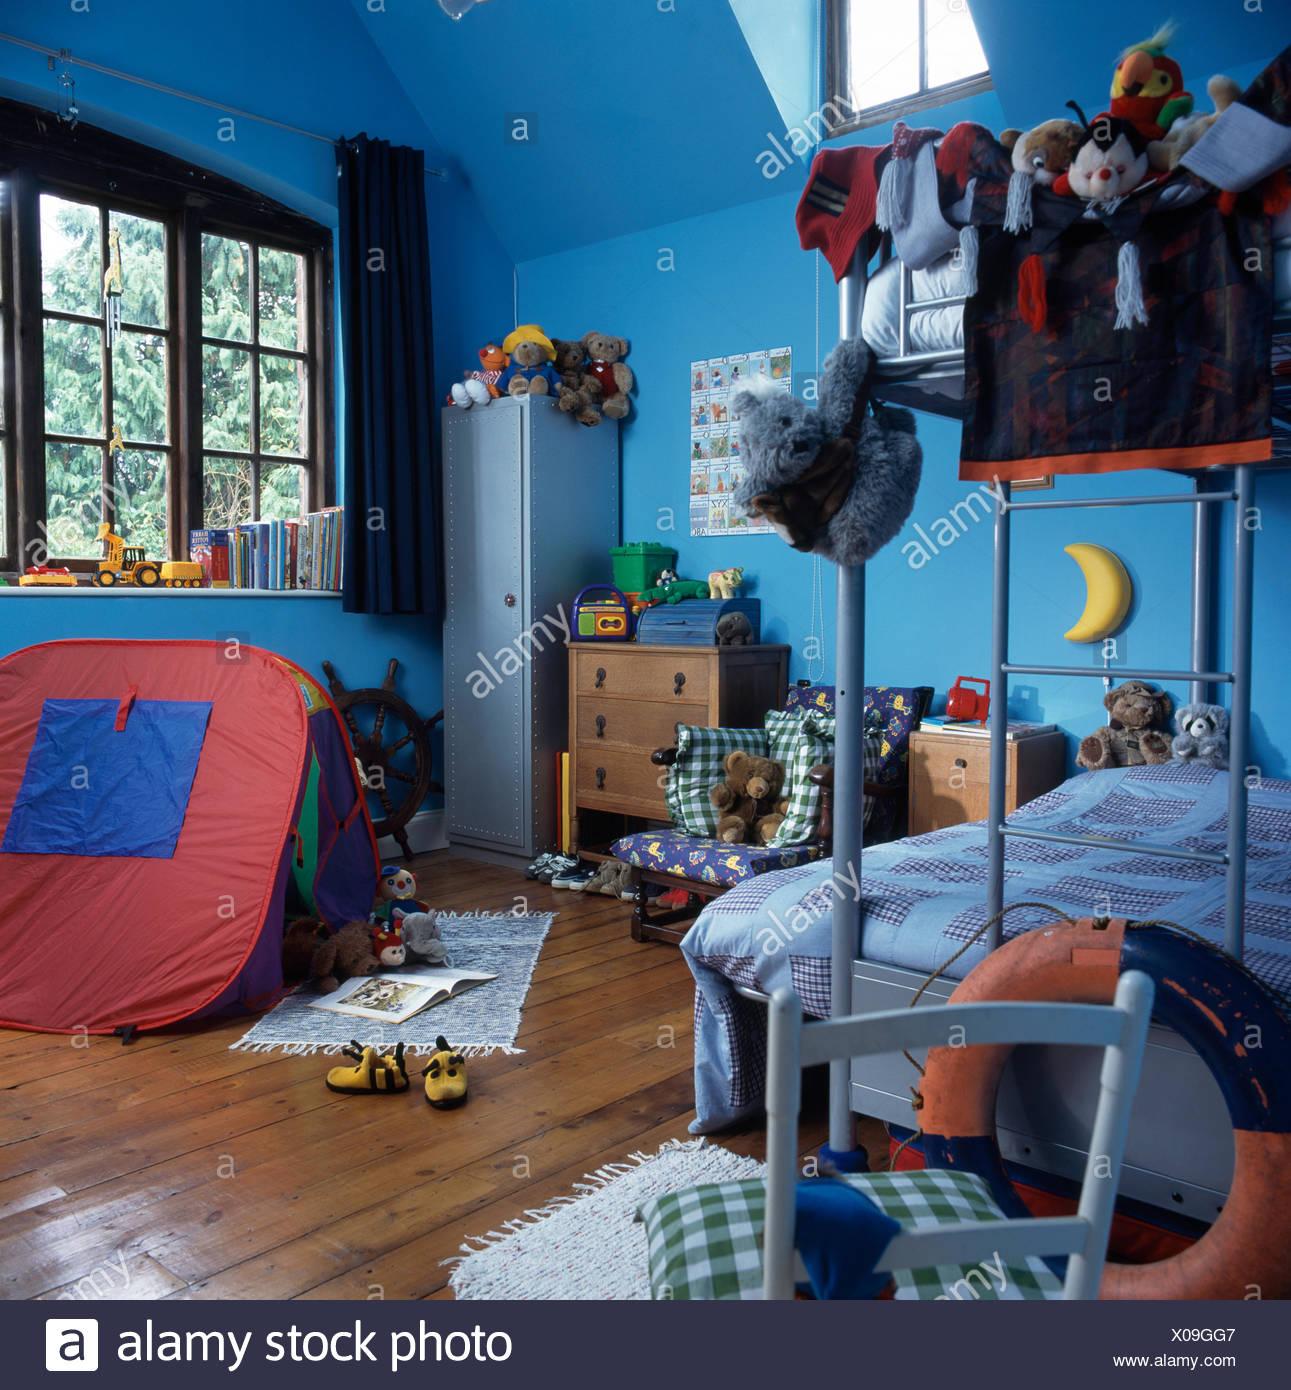 Letti A Castello Con Tenda.Gioco Colorato In Tenda Per Bambini Degli Anni Novanta Blu Camera Da